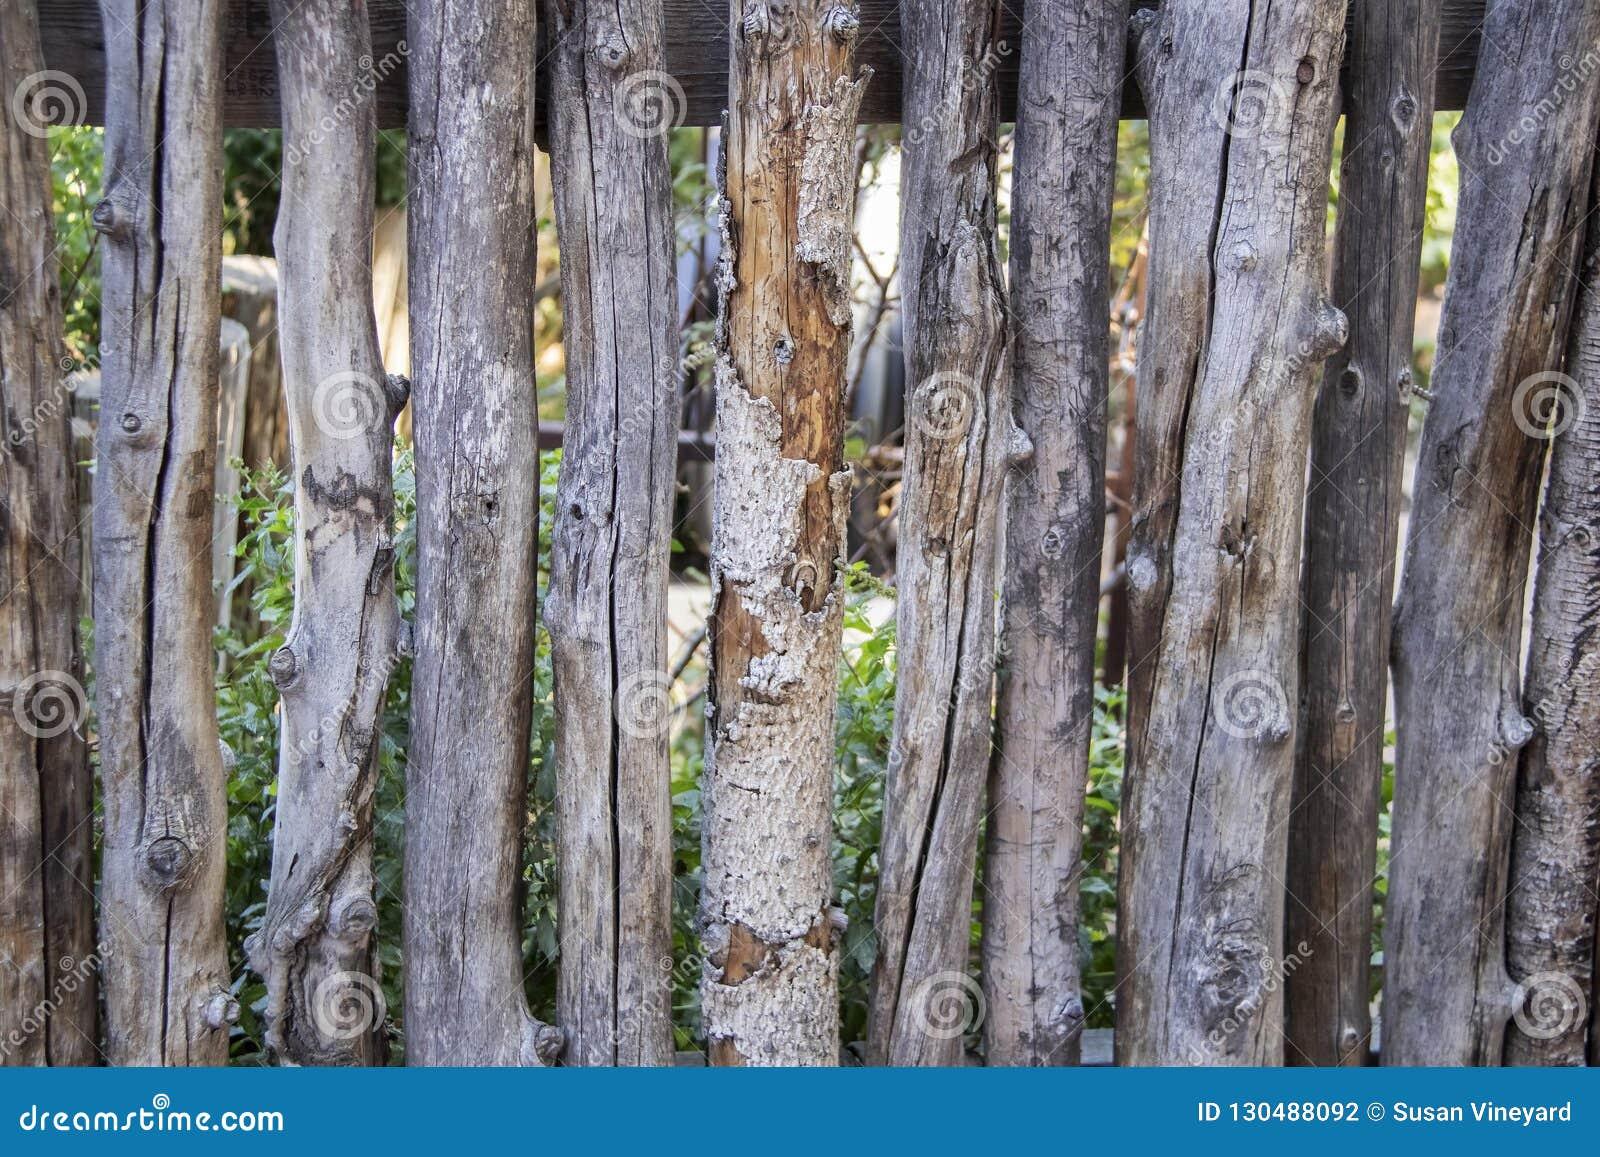 Prärievarg eller ond pinne som fäktar runt om en trädgård - närbild av grova trädpinnar som används som att fäkta, i att landskap